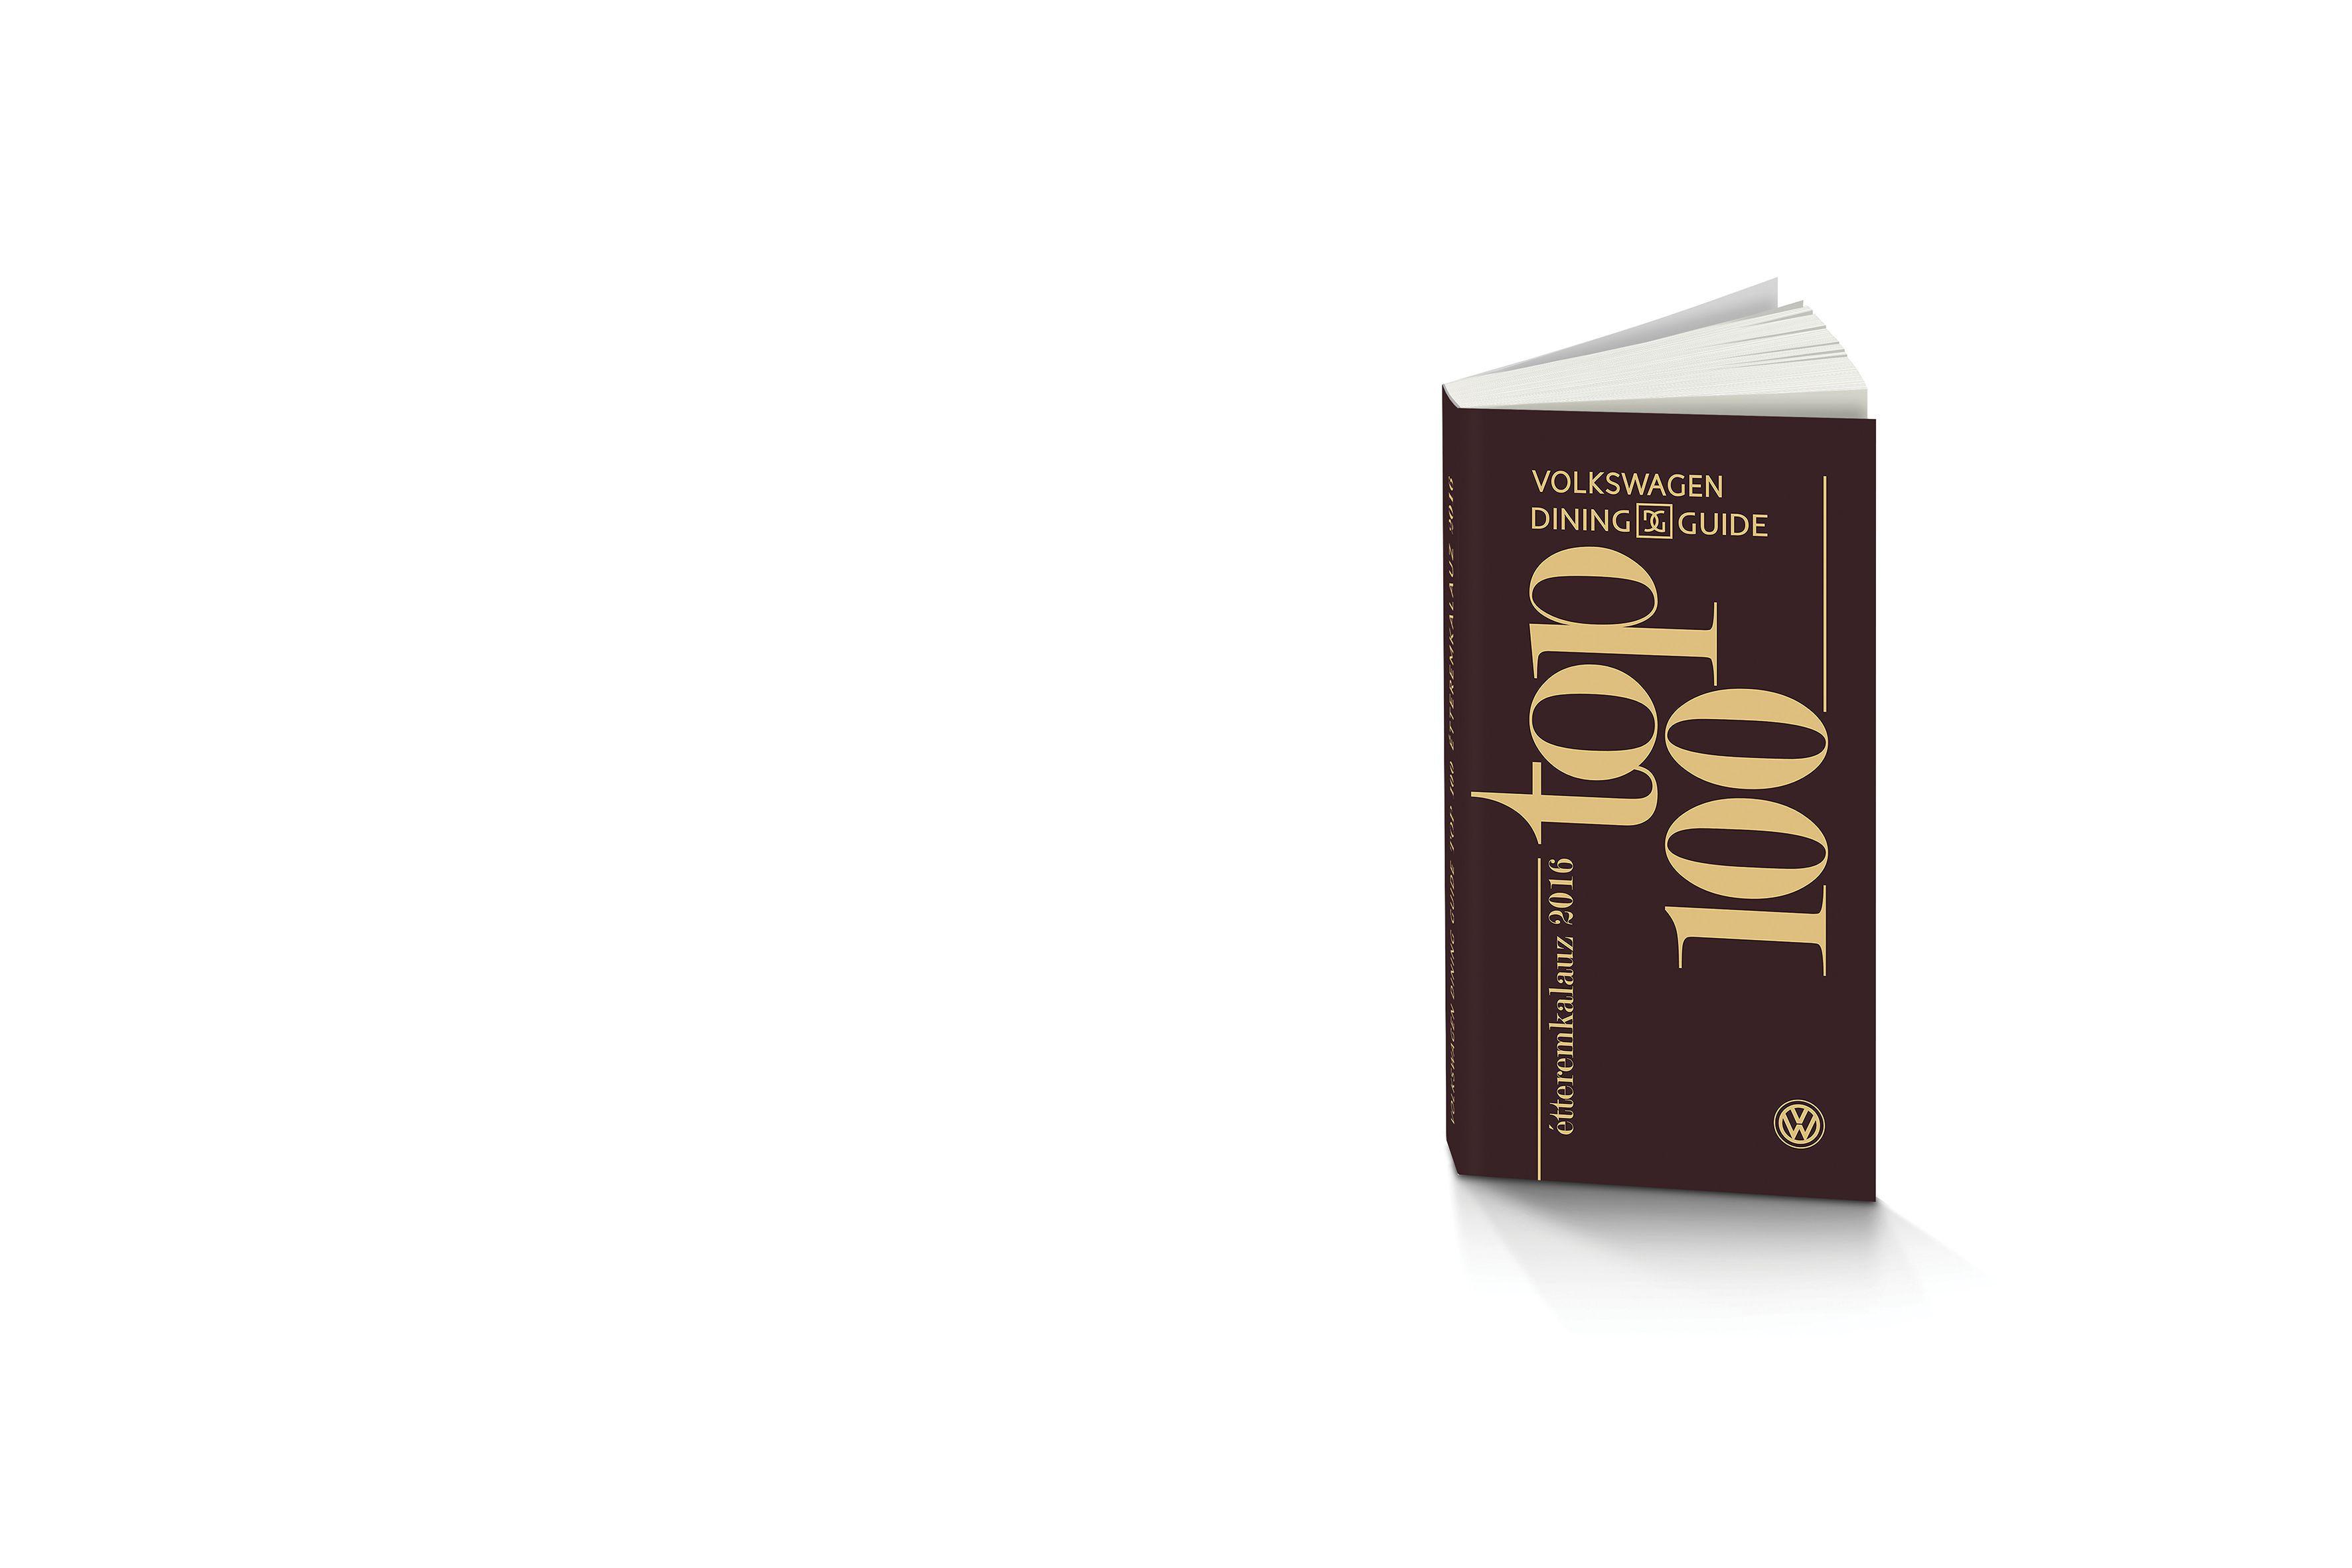 Tőlünk is megrendelheti a Top 100 étteremkalauzt!